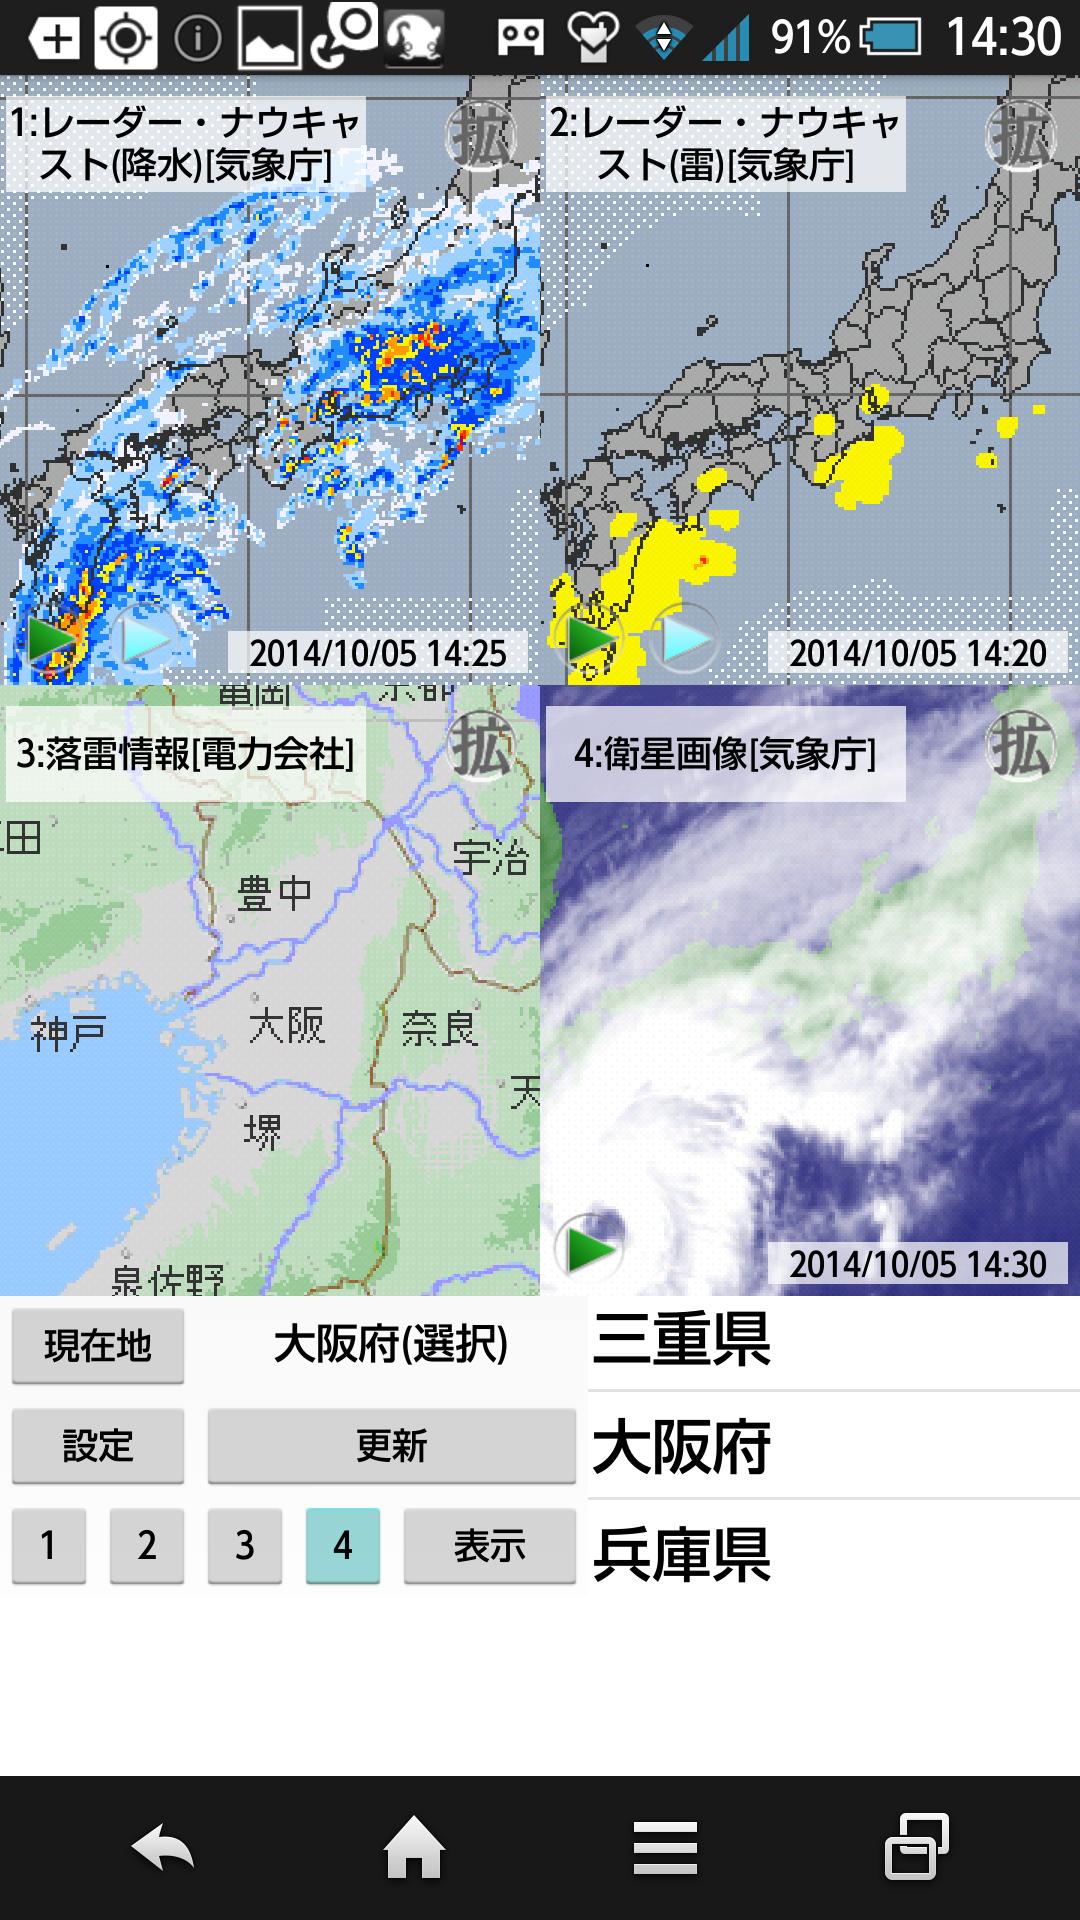 Androidツール・天気アプリ「周辺便利天気」画面3